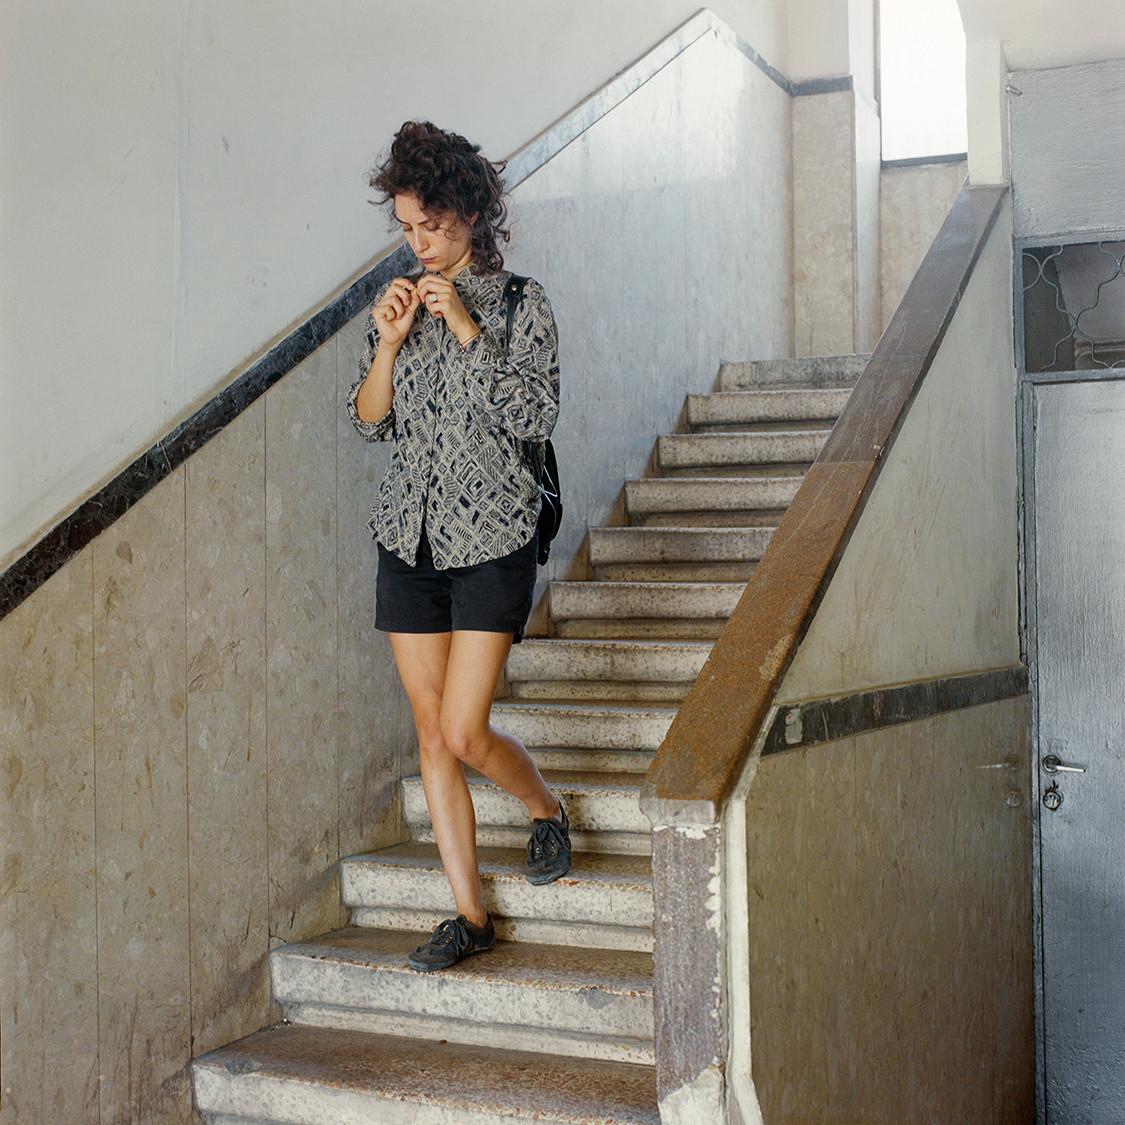 Ella is walking downstairs, 2015